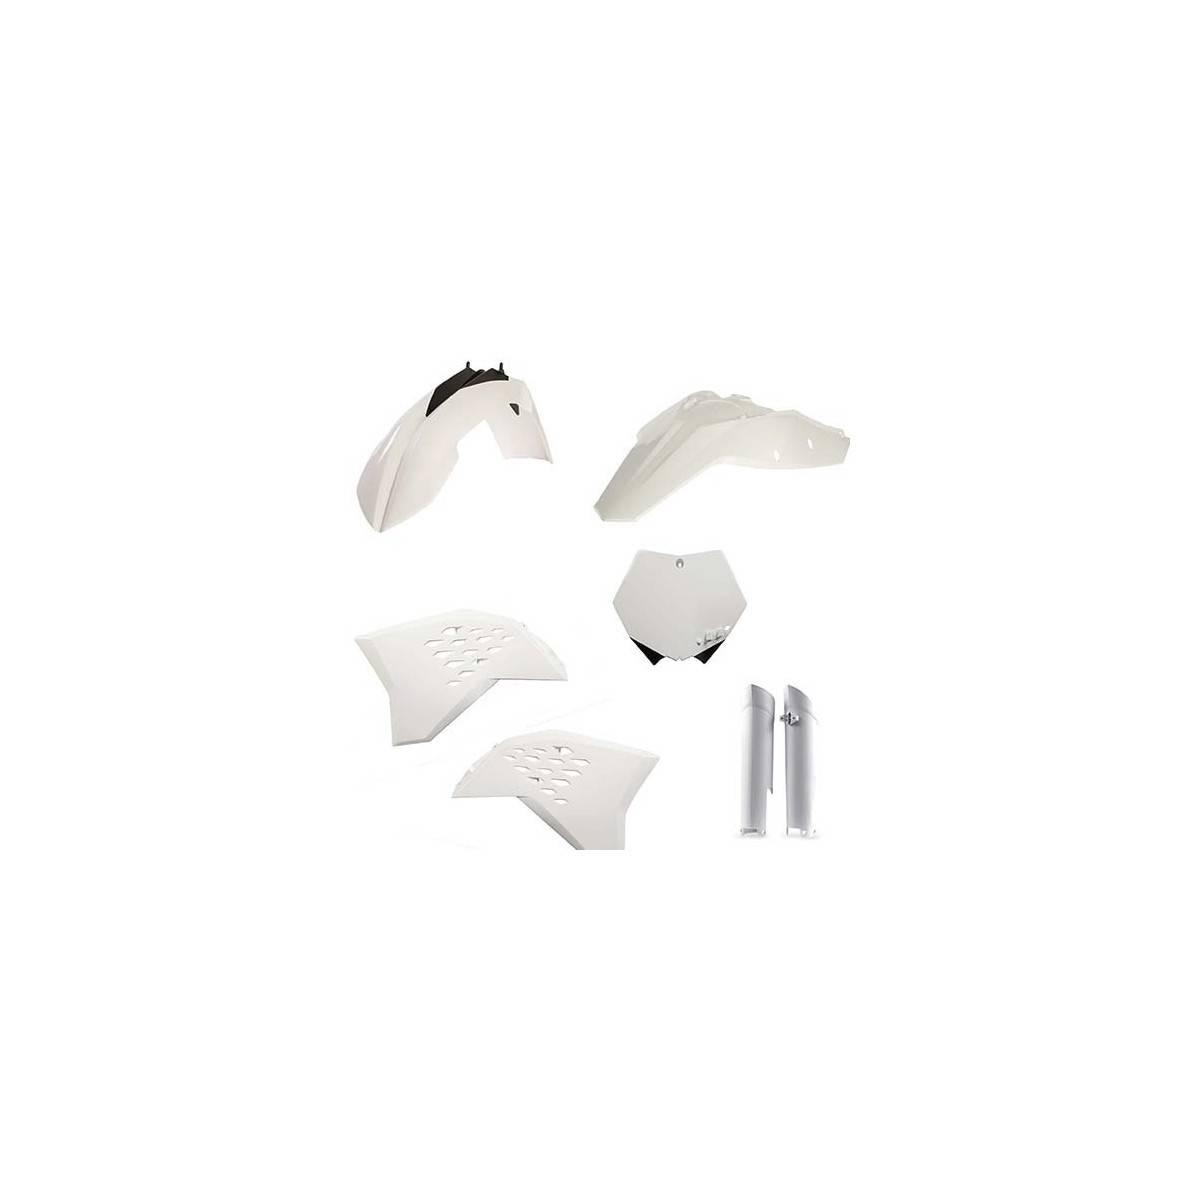 0017704-553 - Kit Plasticos Hva Mx 2014 Tc250 14 15 Origen